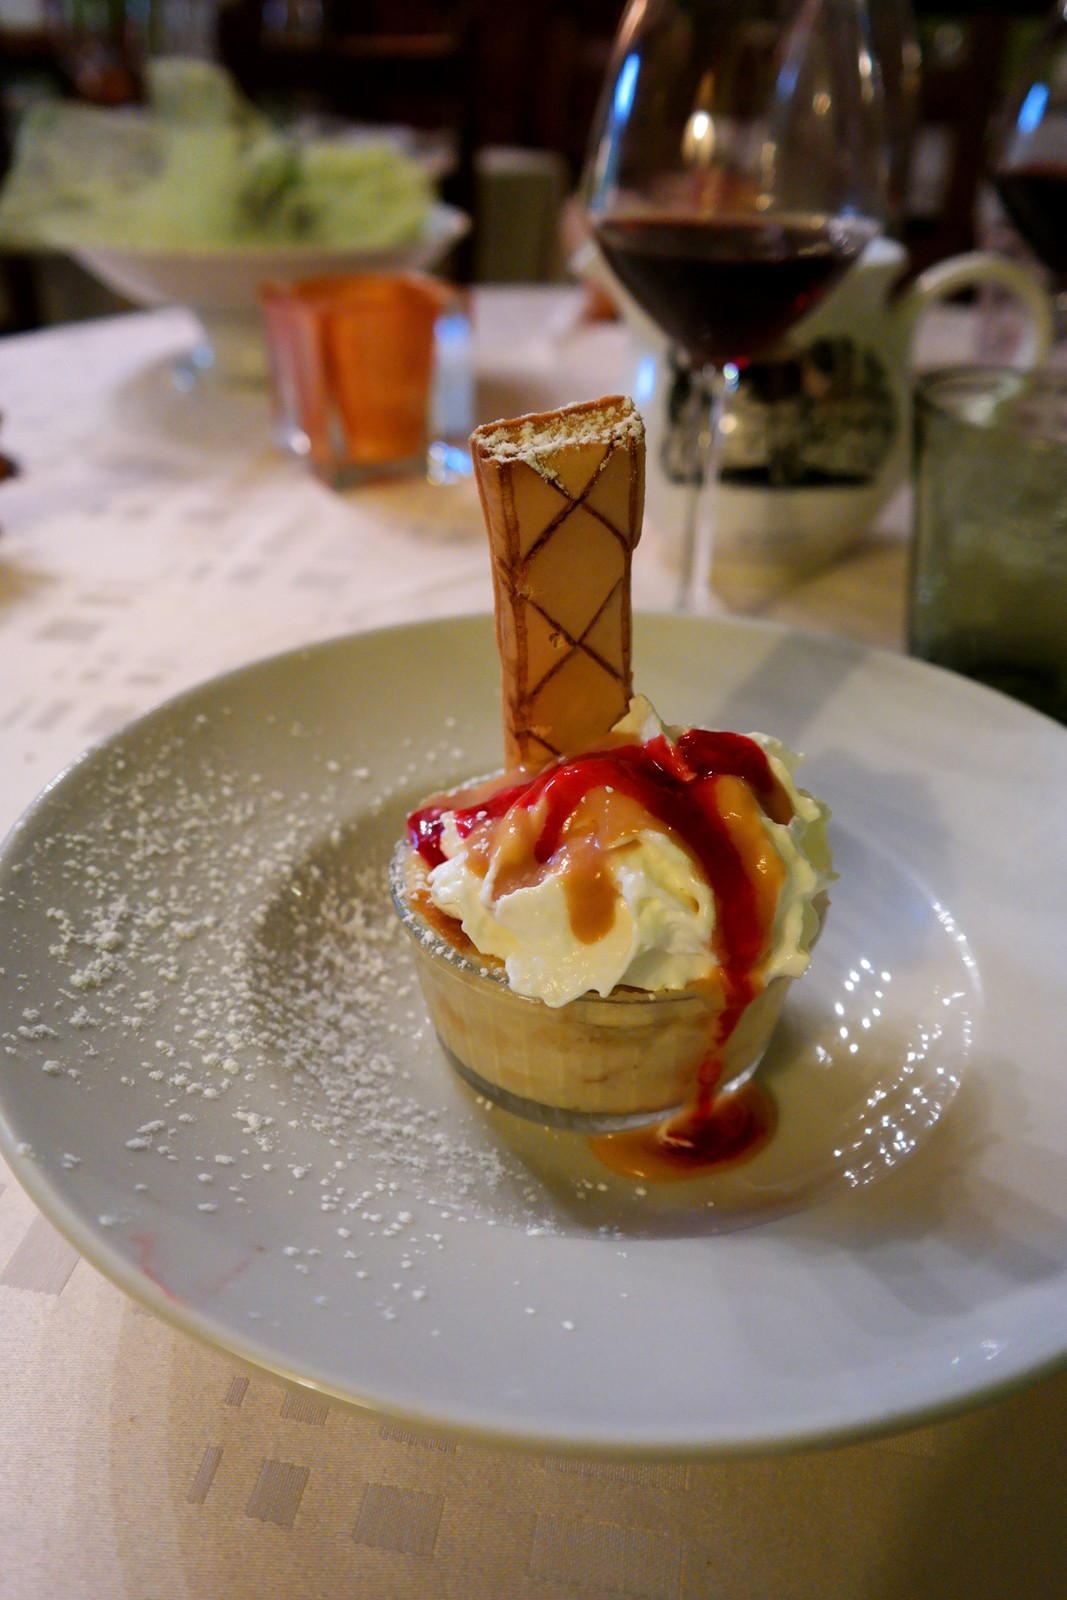 Pudding-breton-à-la-pêche-caramel-dessert-menu-du-jour-hôtel-restaurant-Jardins-Abbaye-de-Bon-Repos-Lac-de-Guerlédan-se-loger-bretagne-tourisme-vacances-photo-by-united-states-of-paris-blog